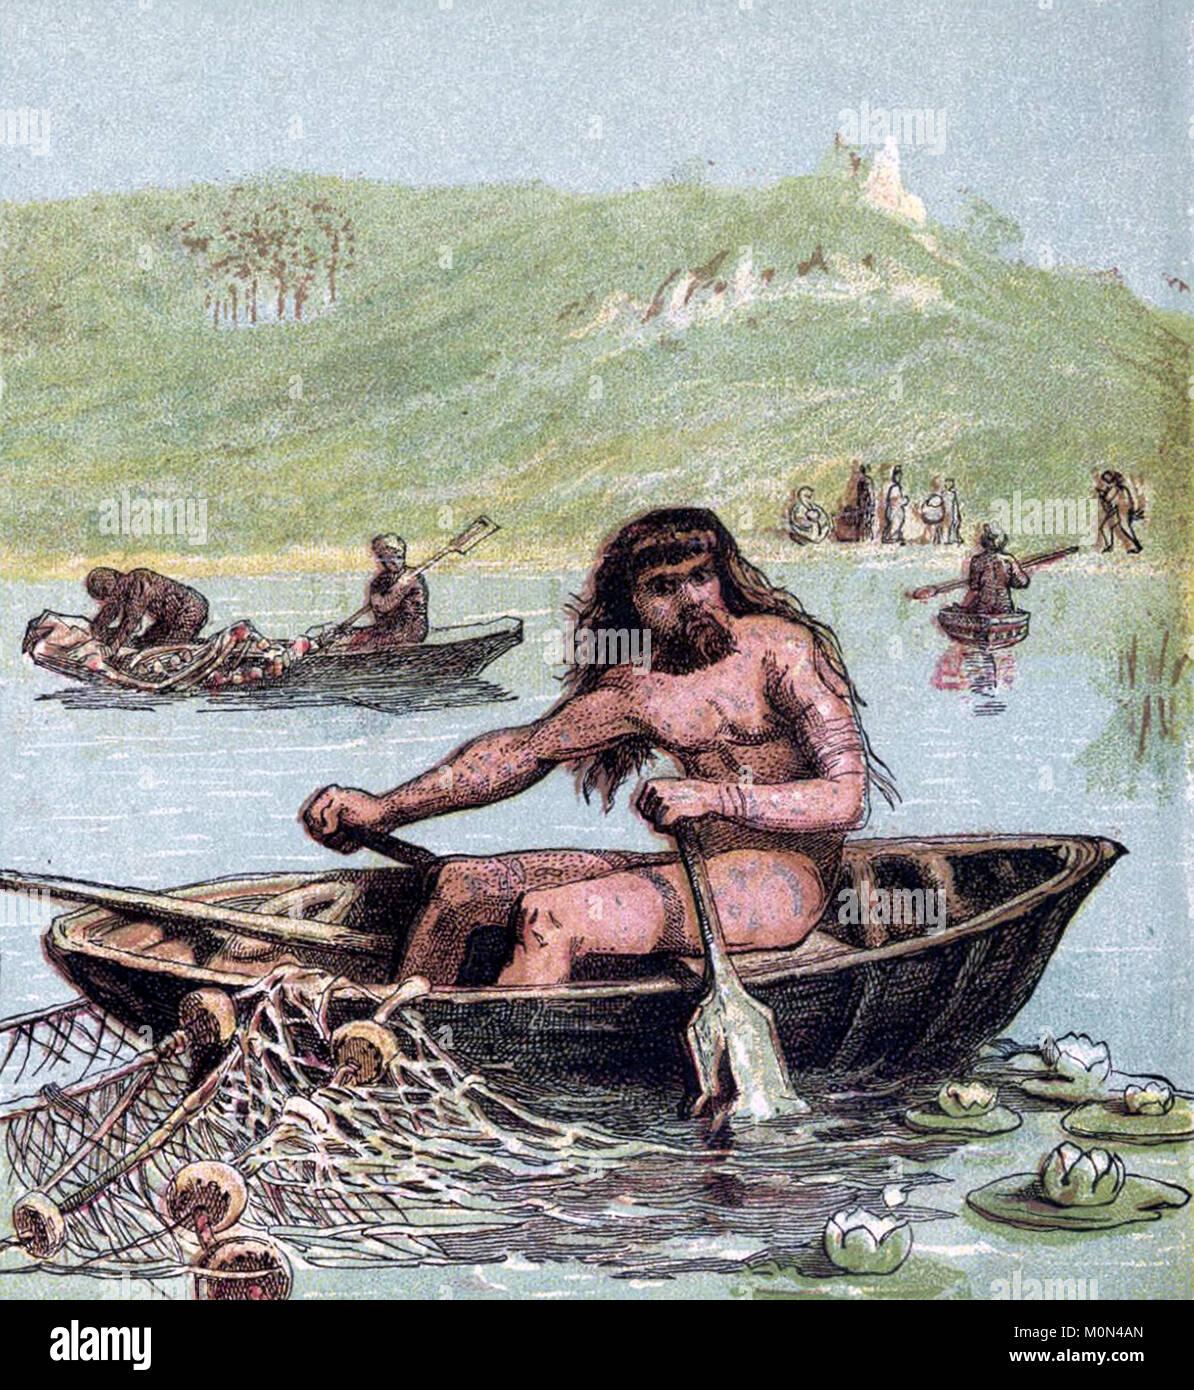 Alte Brite aus dem coracle. Abbildung aus einem Buch 1868 veröffentlicht. Stockbild